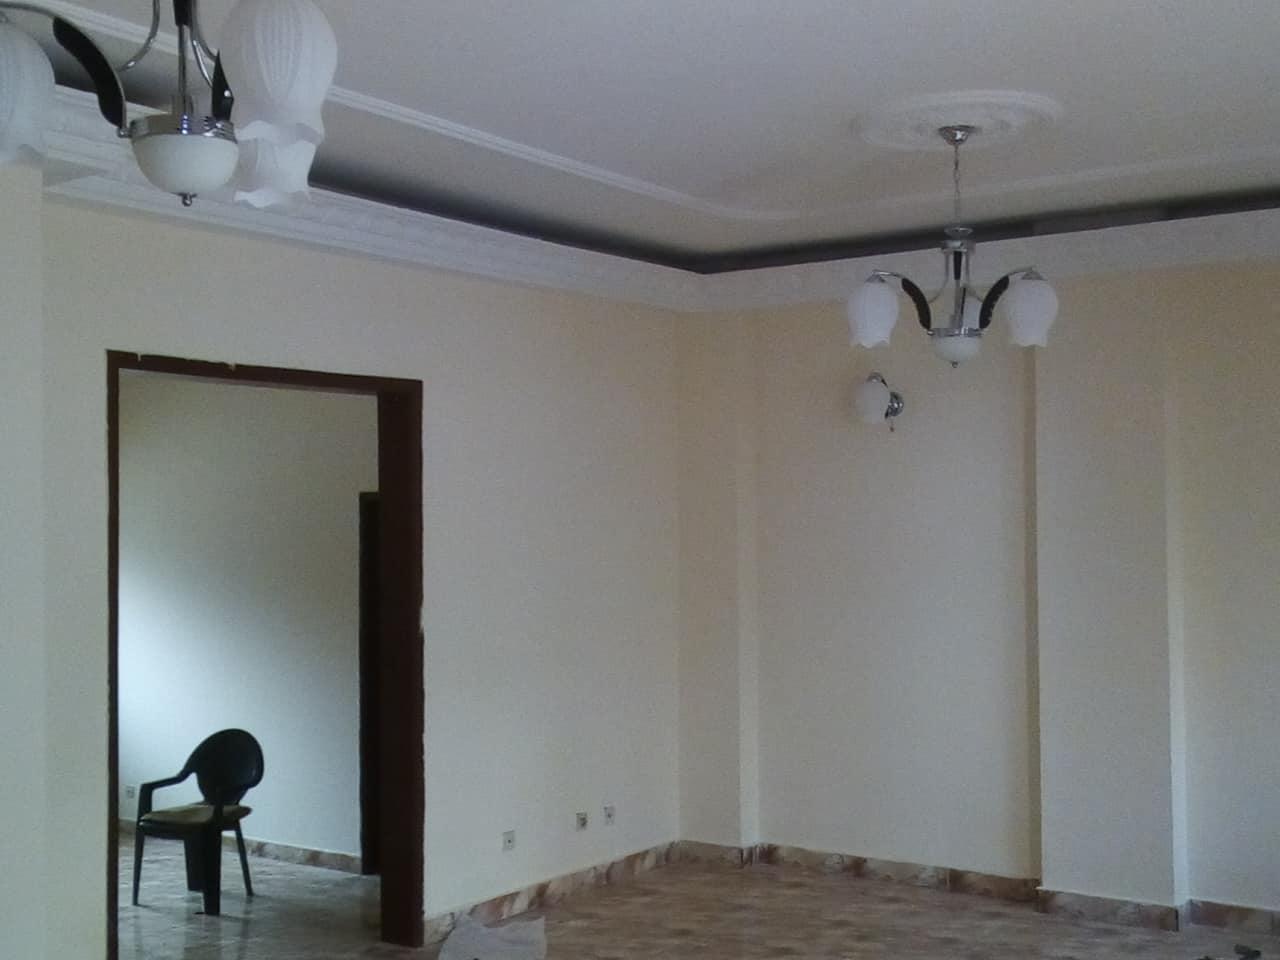 Appartement à louer - Yaoundé, Bastos, pas loin de lambassade du nigeria - 1 salon(s), 3 chambre(s), 3 salle(s) de bains - 400 000 FCFA / mois